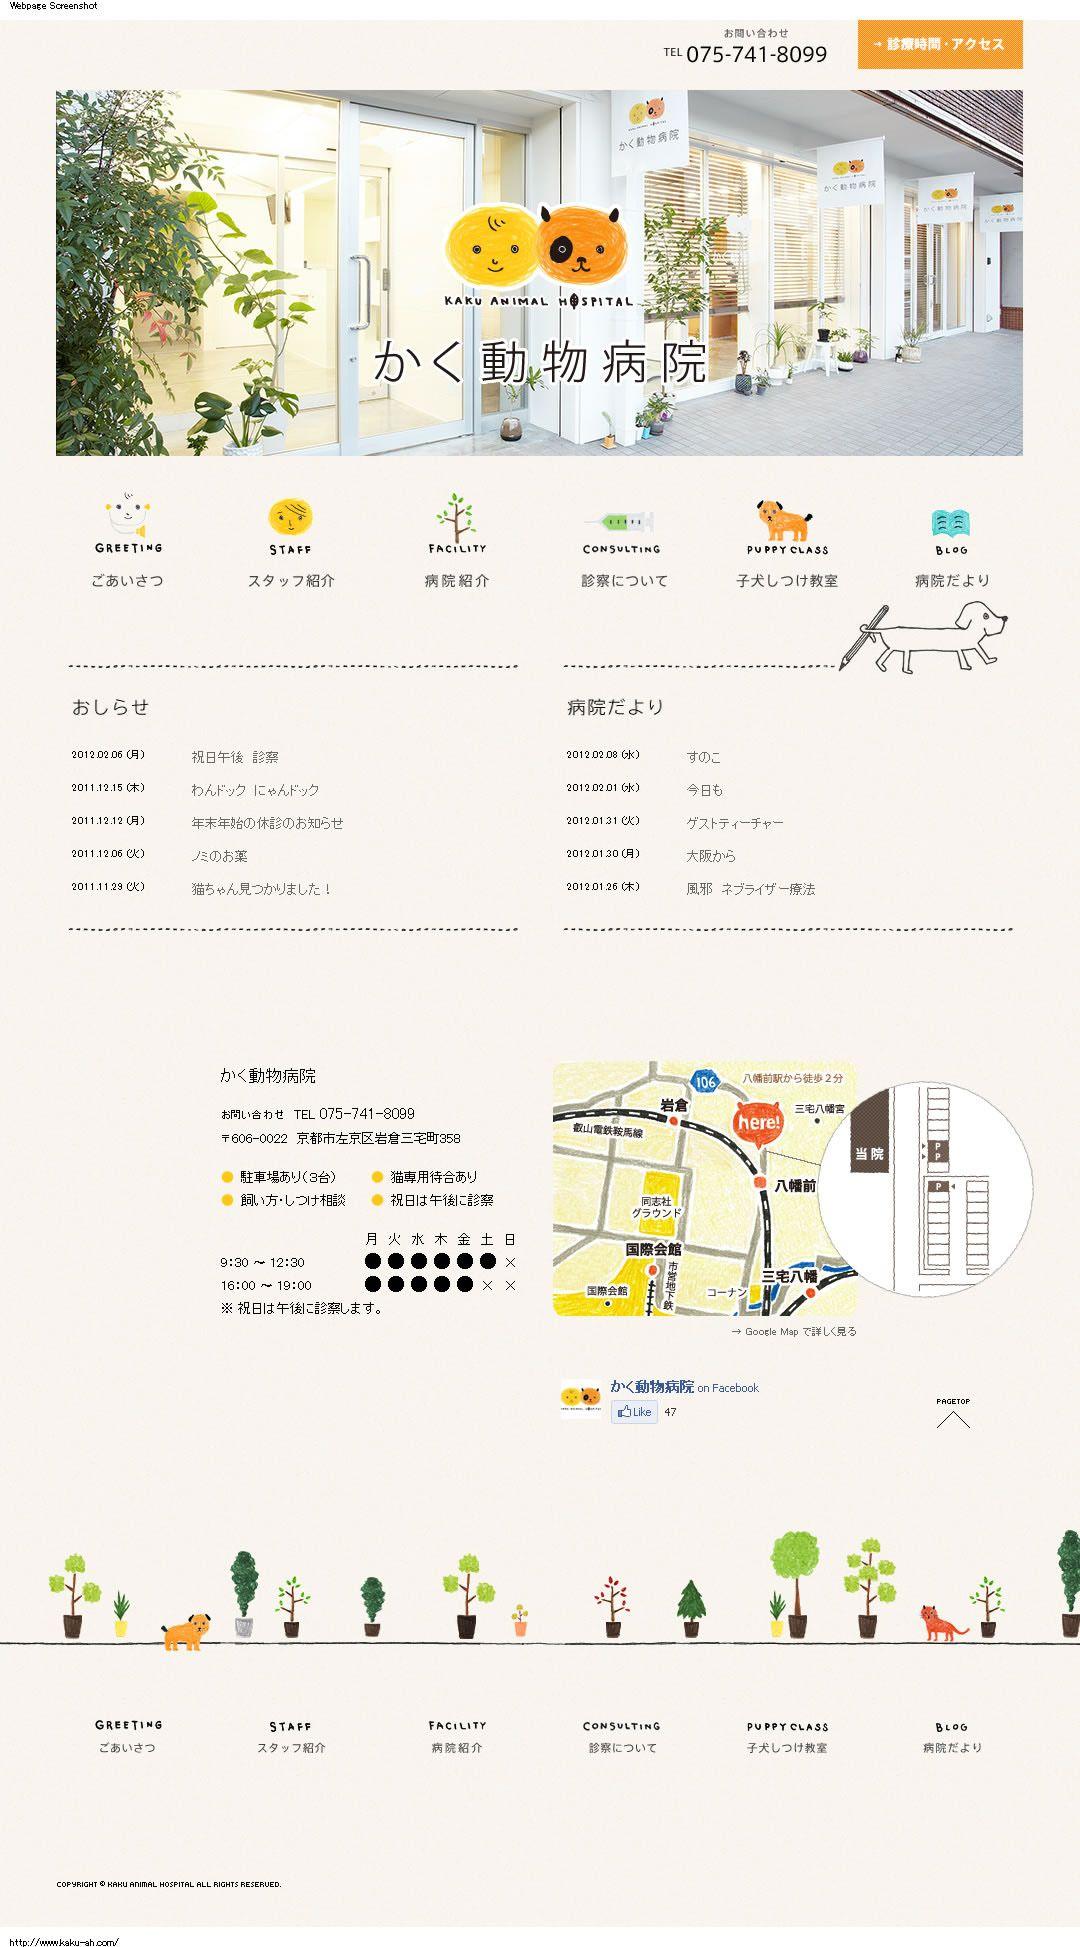 かく動物病院 ベージュ系 医療 イラスト アナログ風 Http Www Kaku Ah Com ウェブデザイン Lp デザイン ウェブデザインのレイアウト